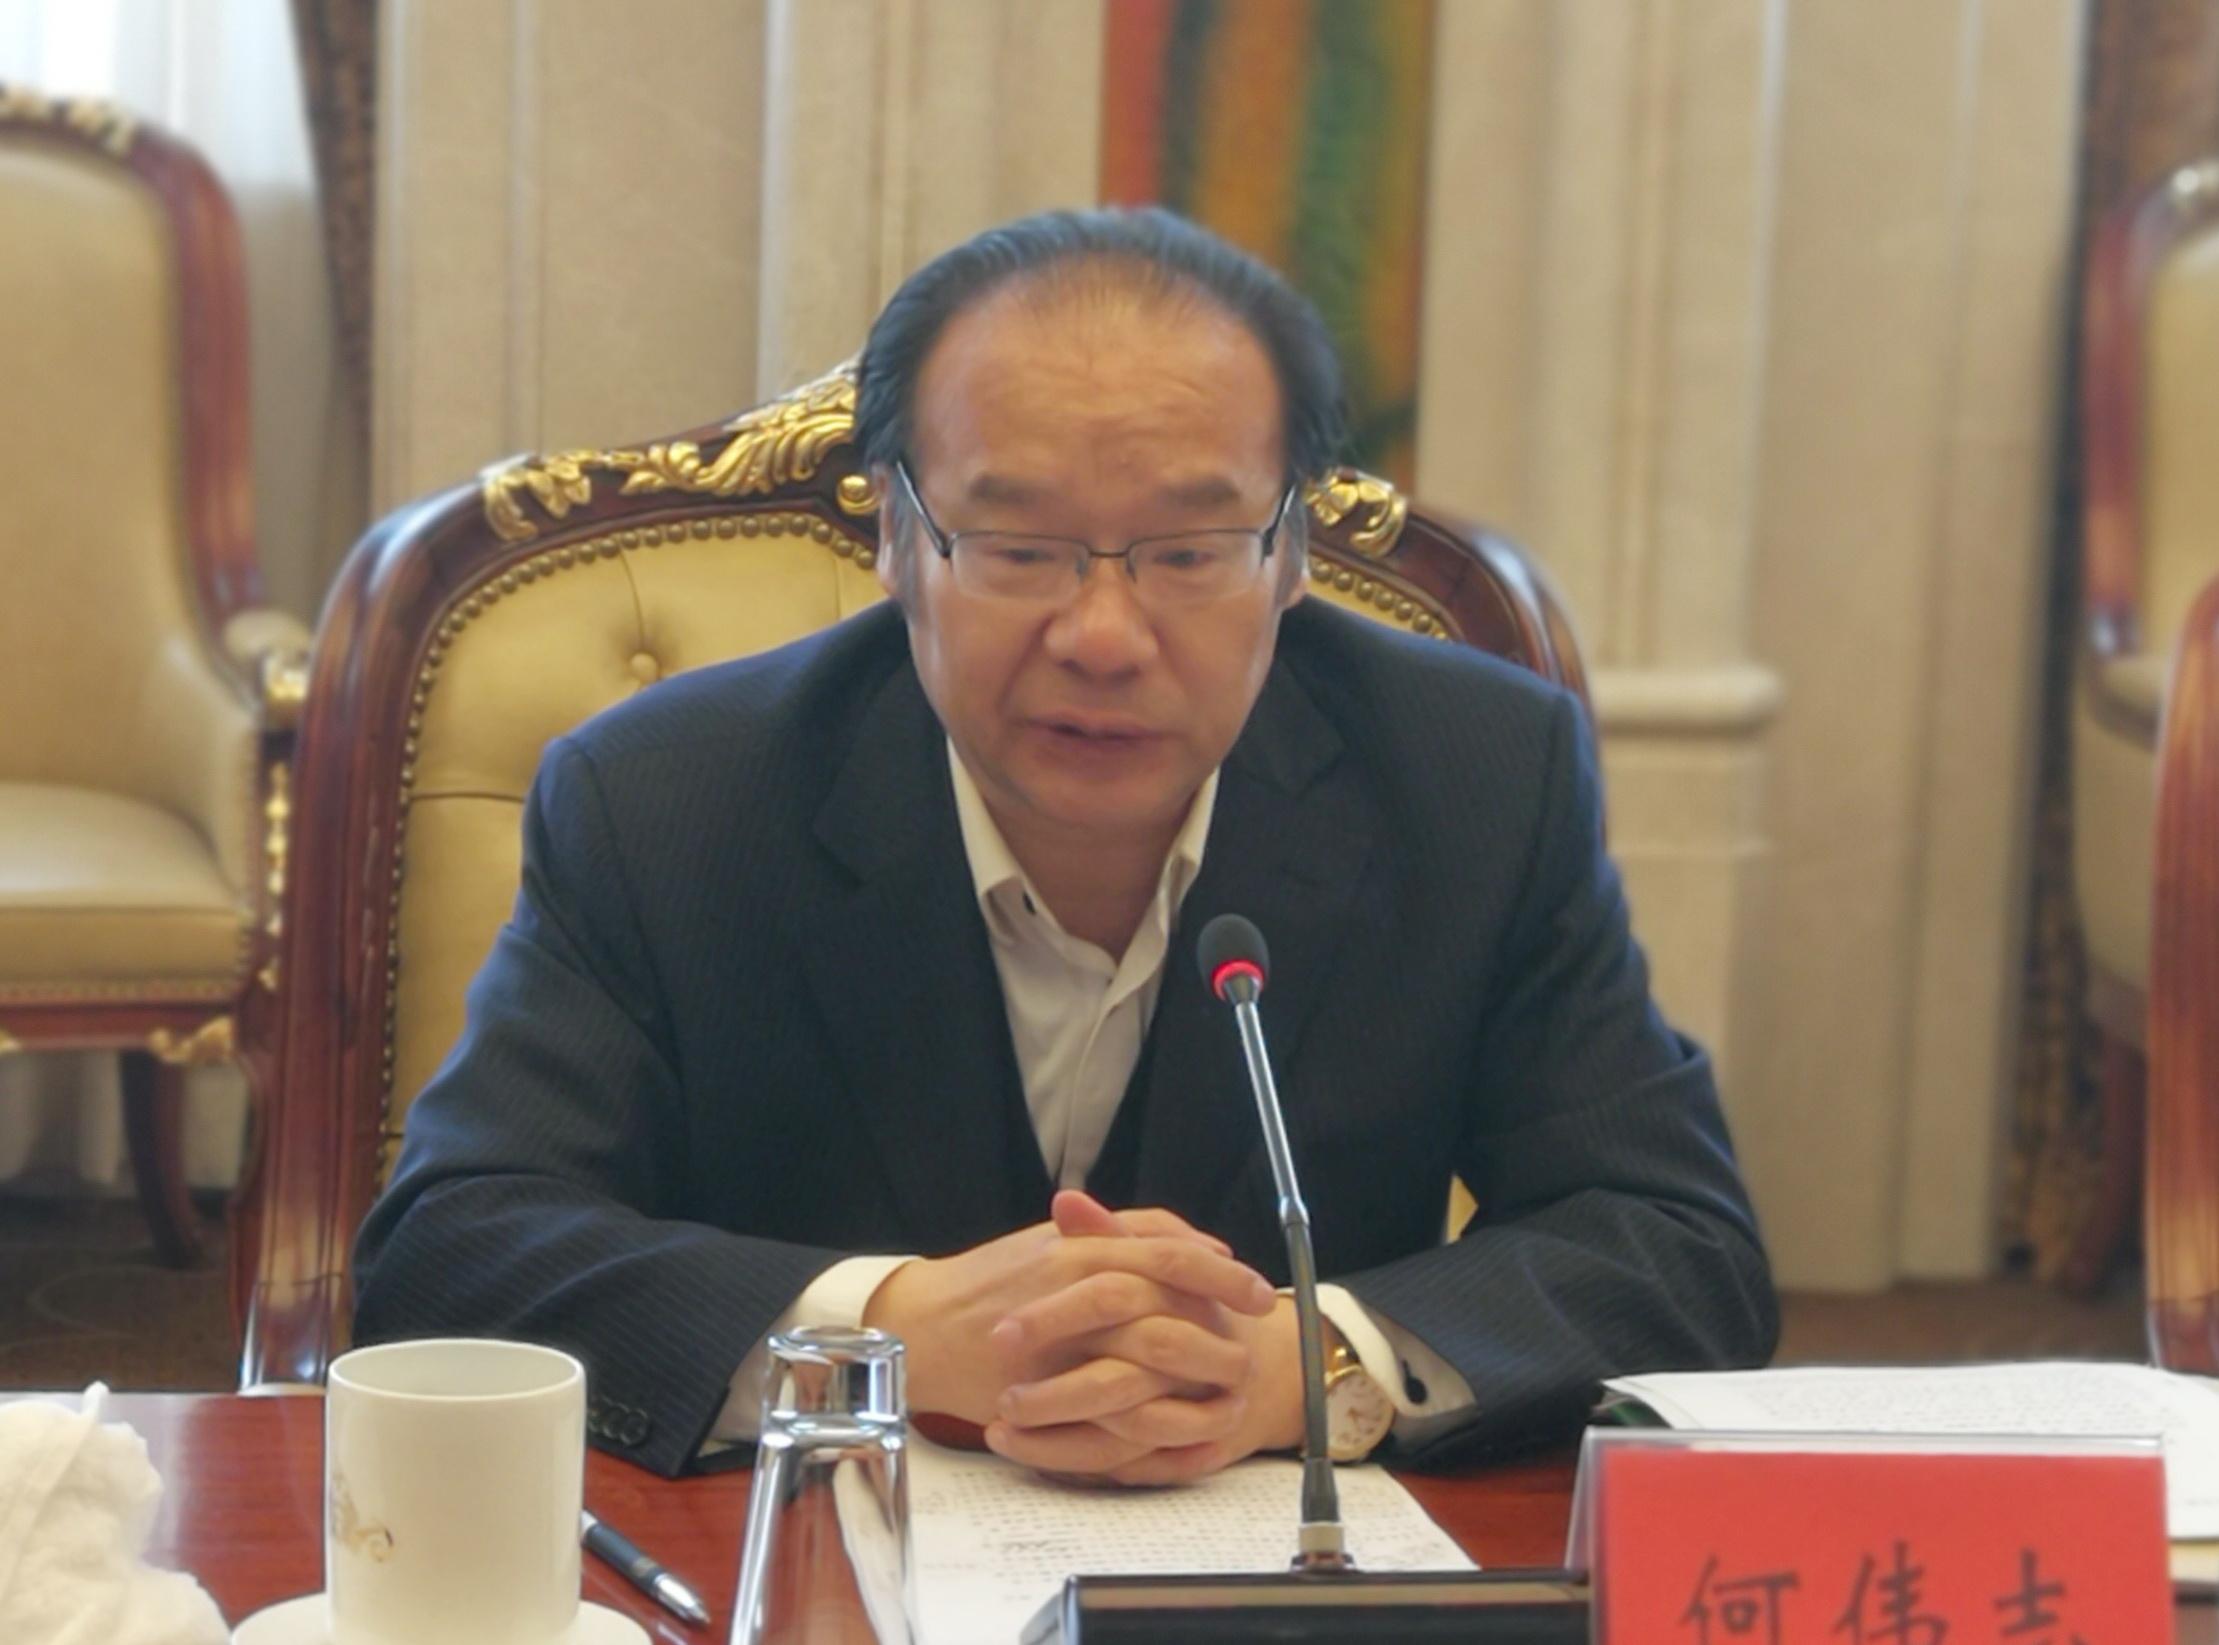 2省地方志办公室党组书记、主任何伟志出席会议并讲话.jpg